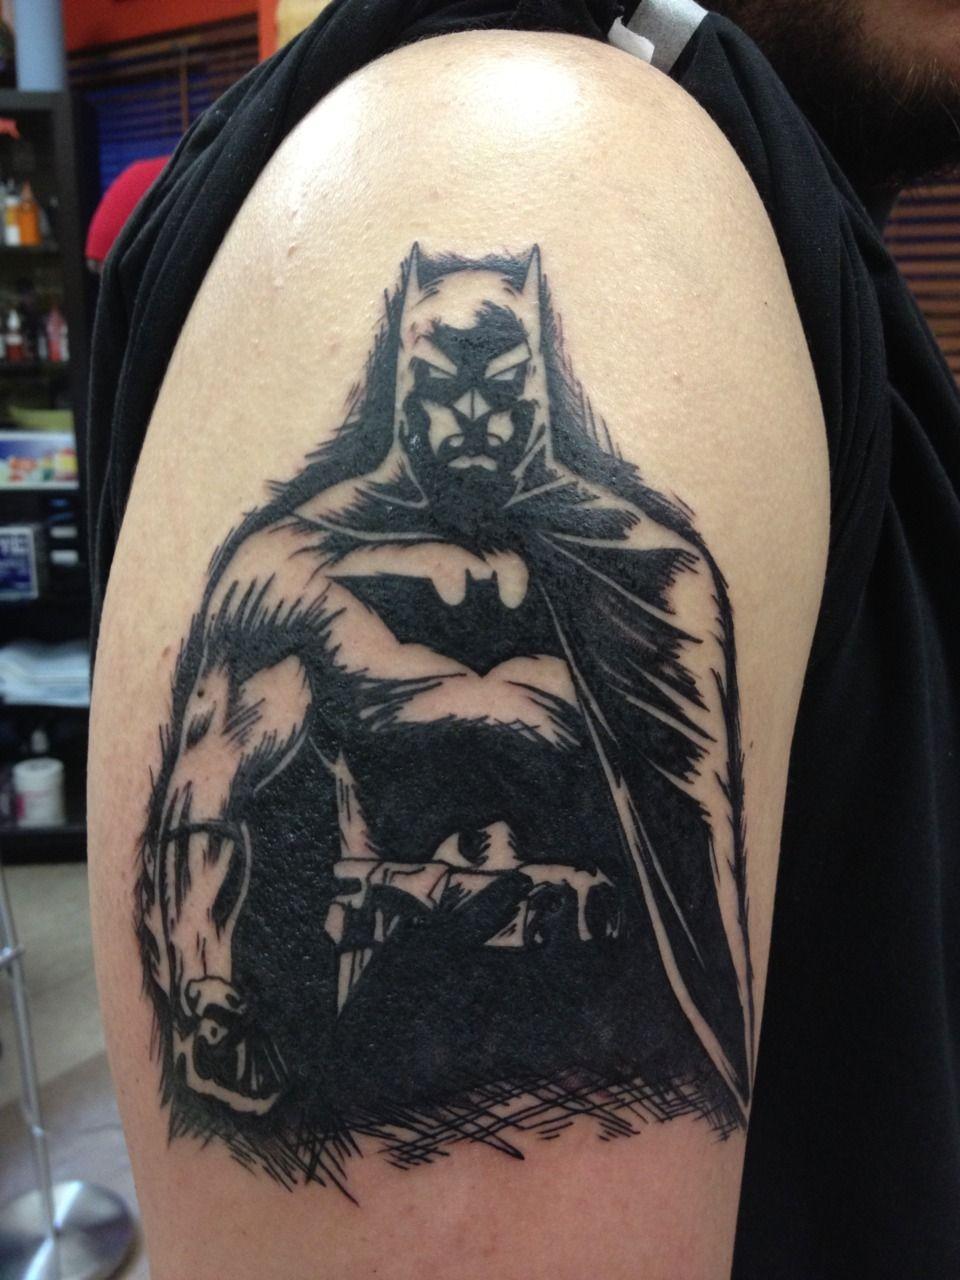 Simple Small Batman Tattoo Designs Ideas (24)